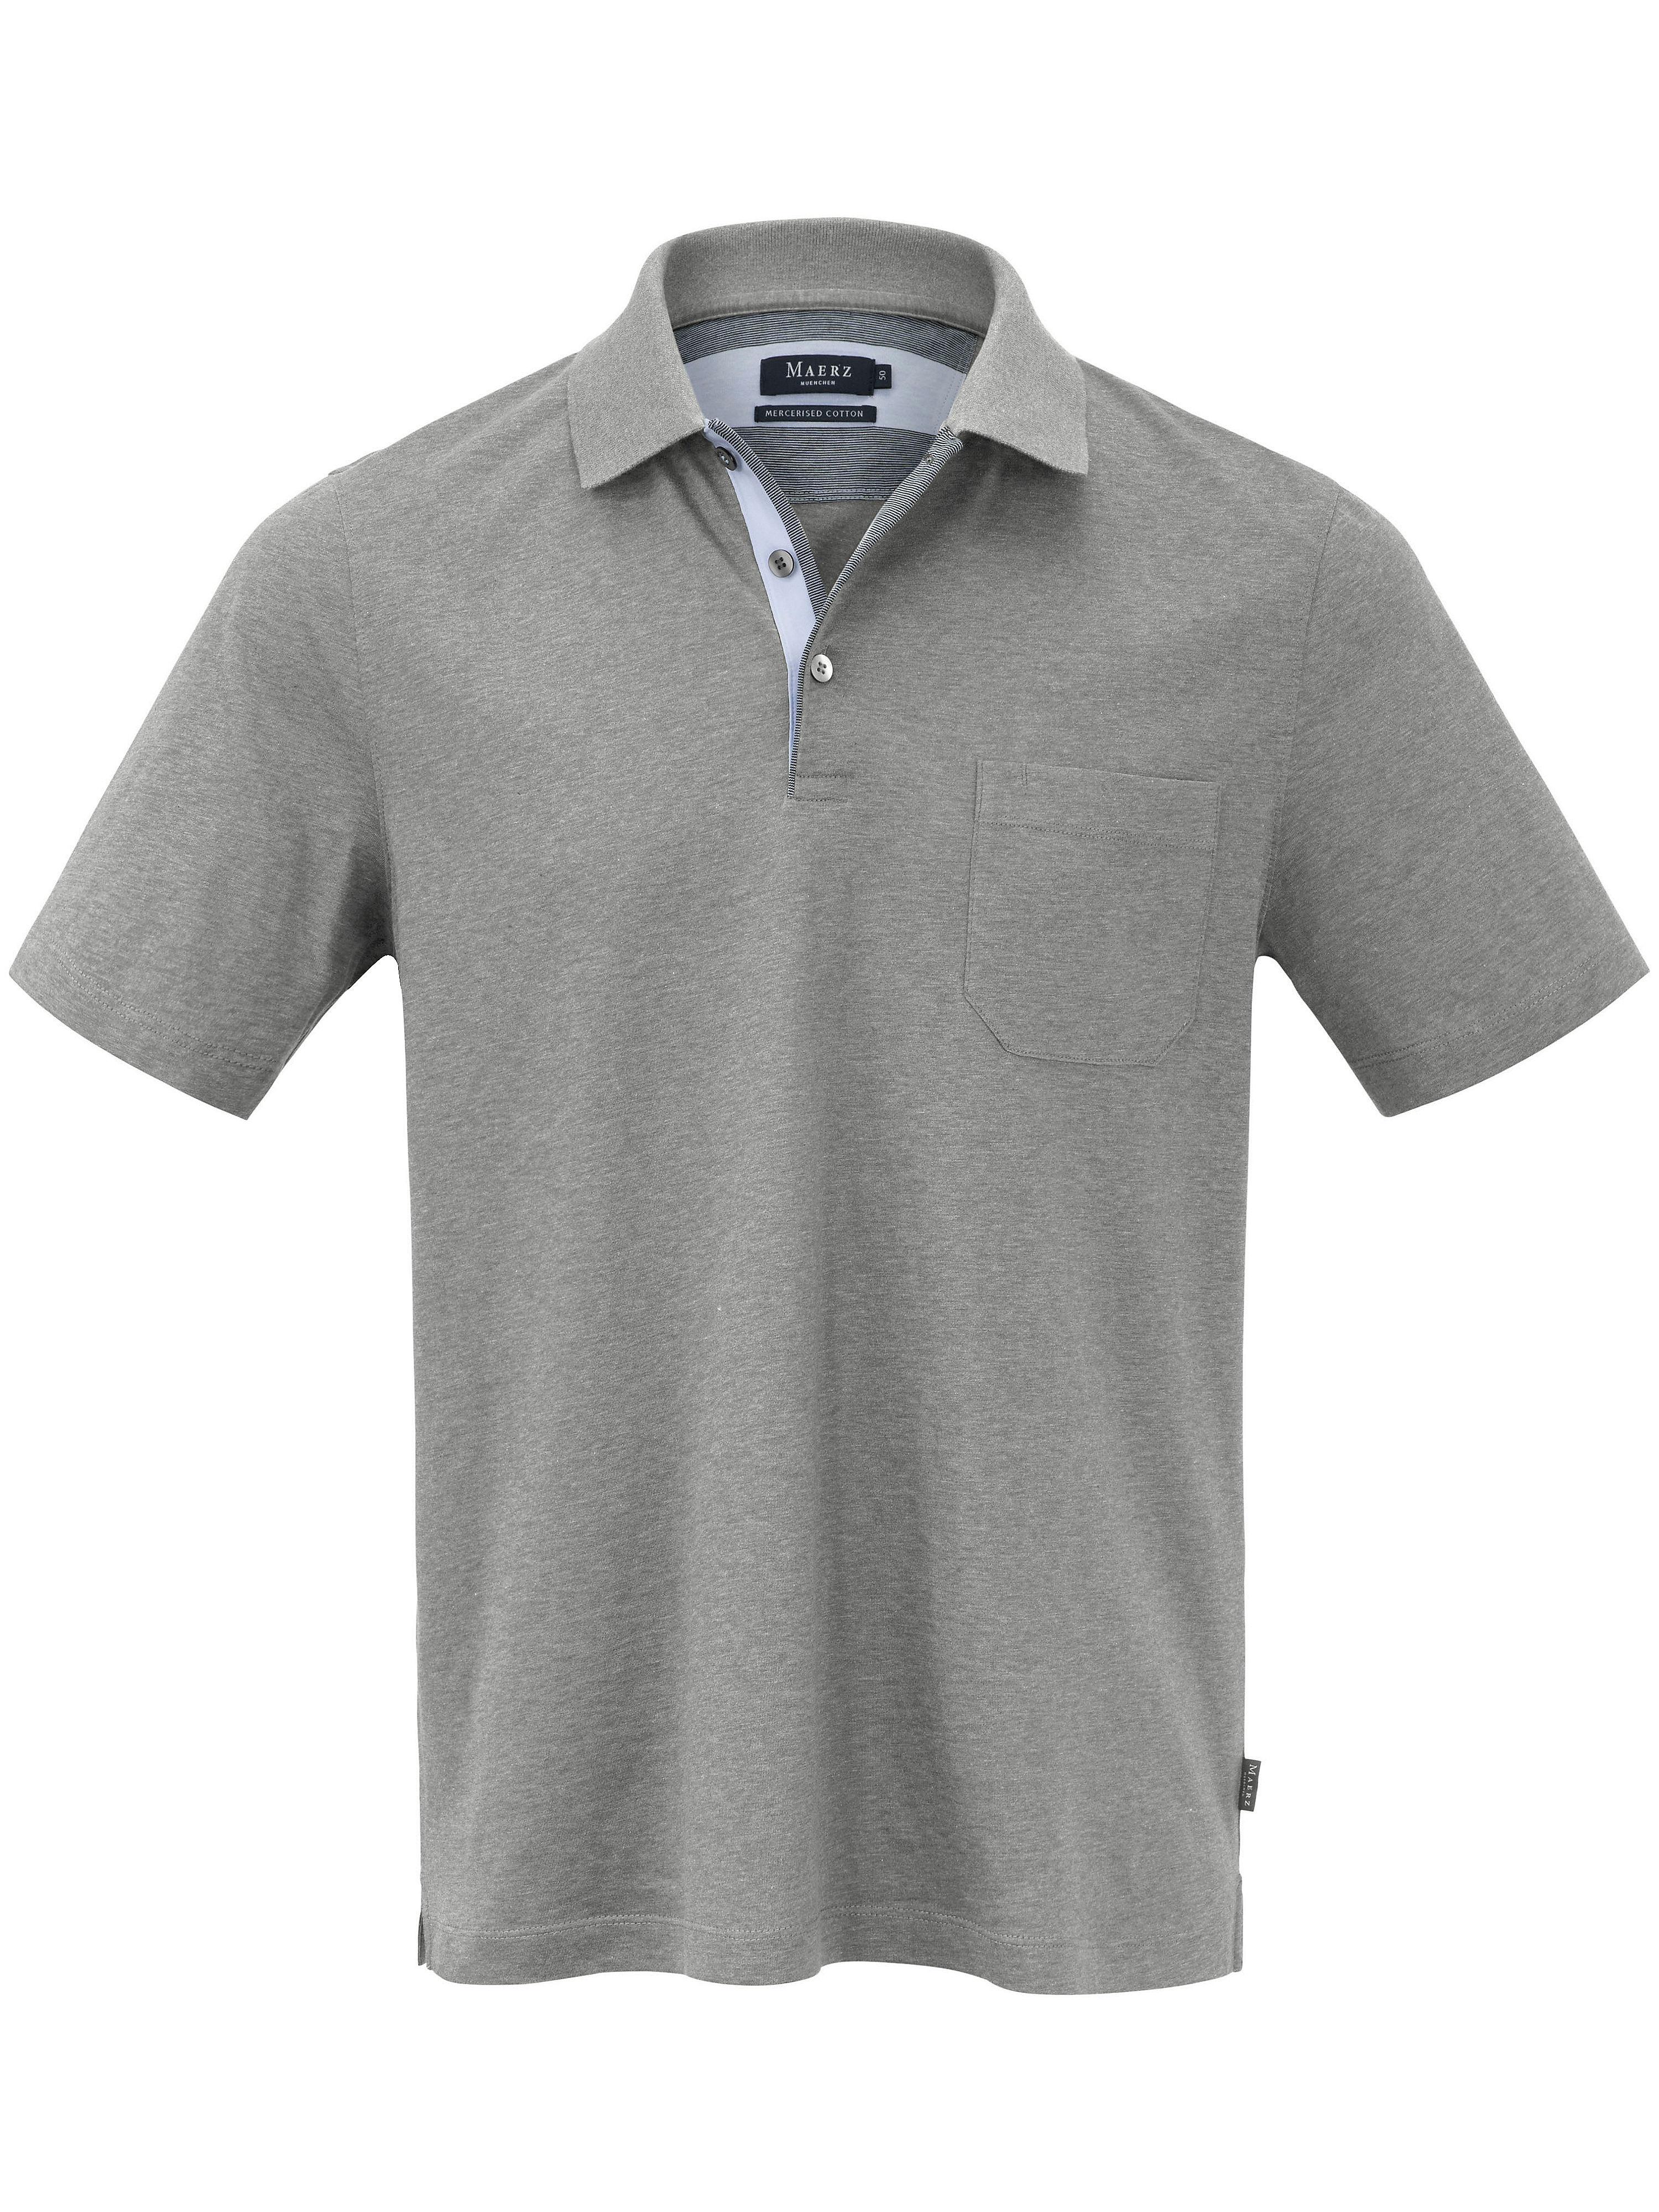 Polo-Shirt MAERZ Muenchen grau